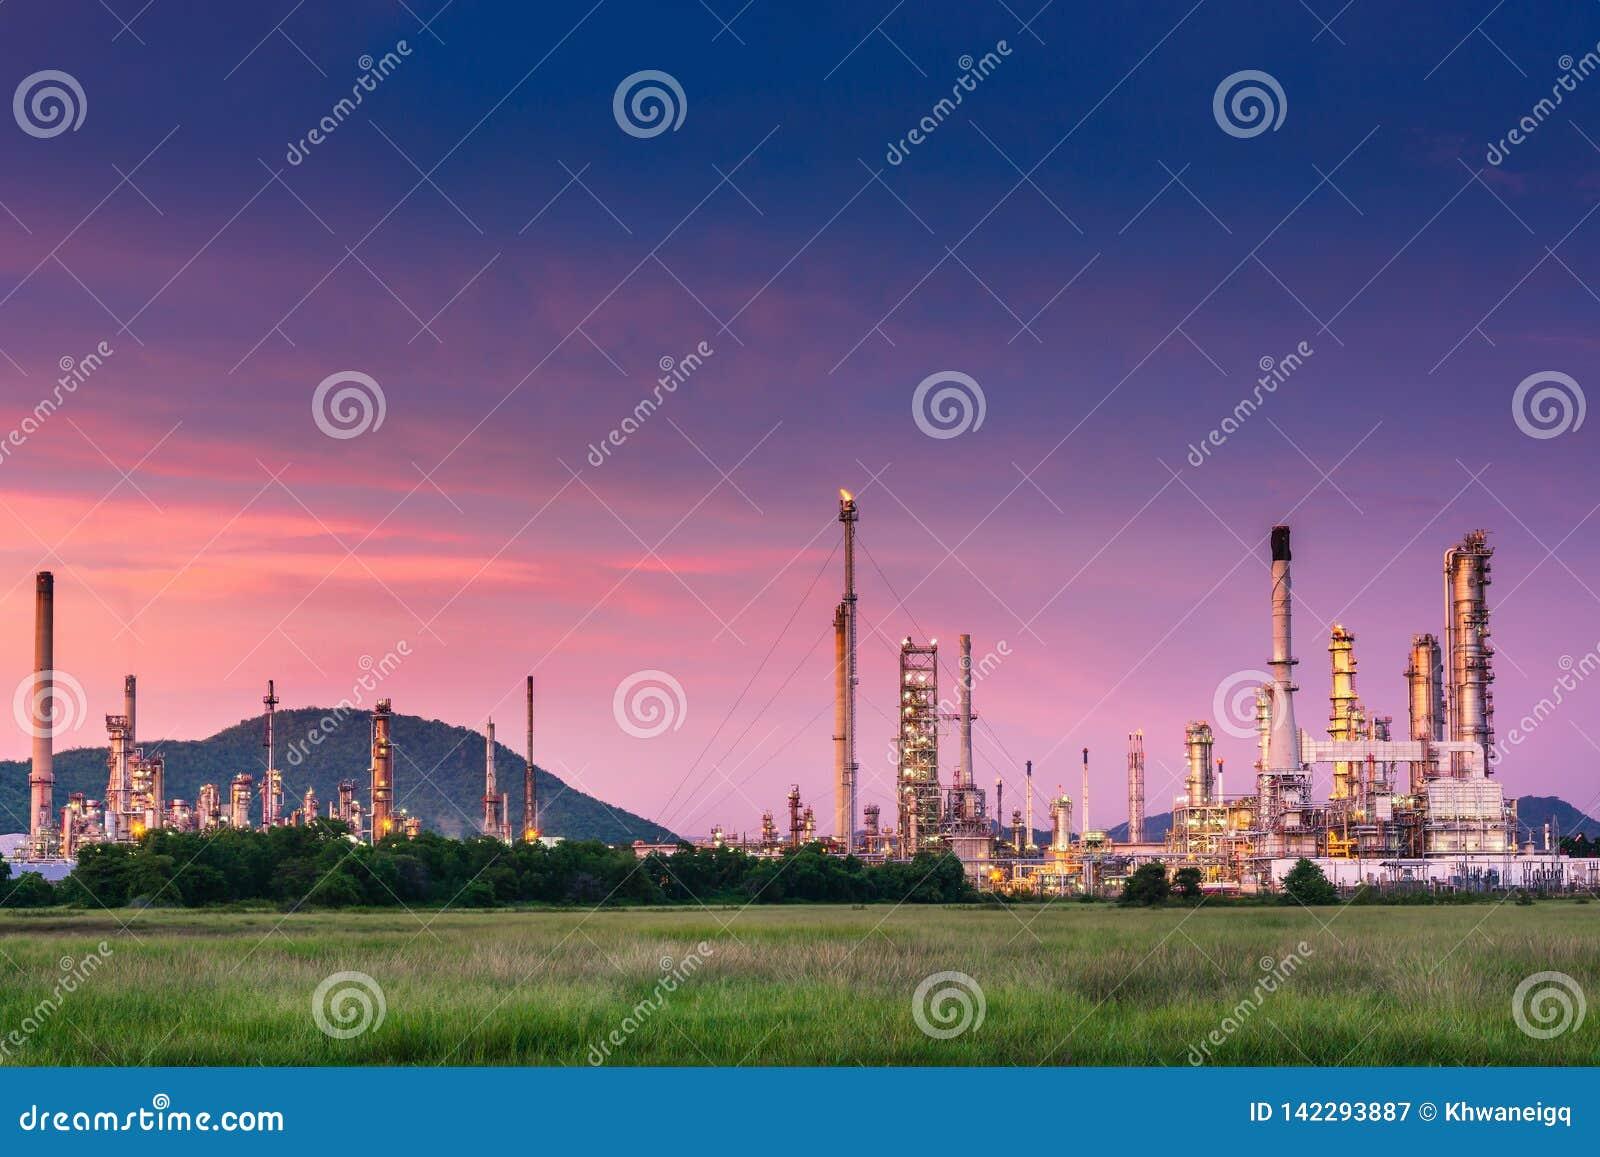 Τοπίο των εγκαταστάσεων κατασκευής εγκαταστάσεων καθαρισμού πετρελαίου και φυσικού αερίου , Πετροχημικά ή χημικά κτήρια διαδικασί